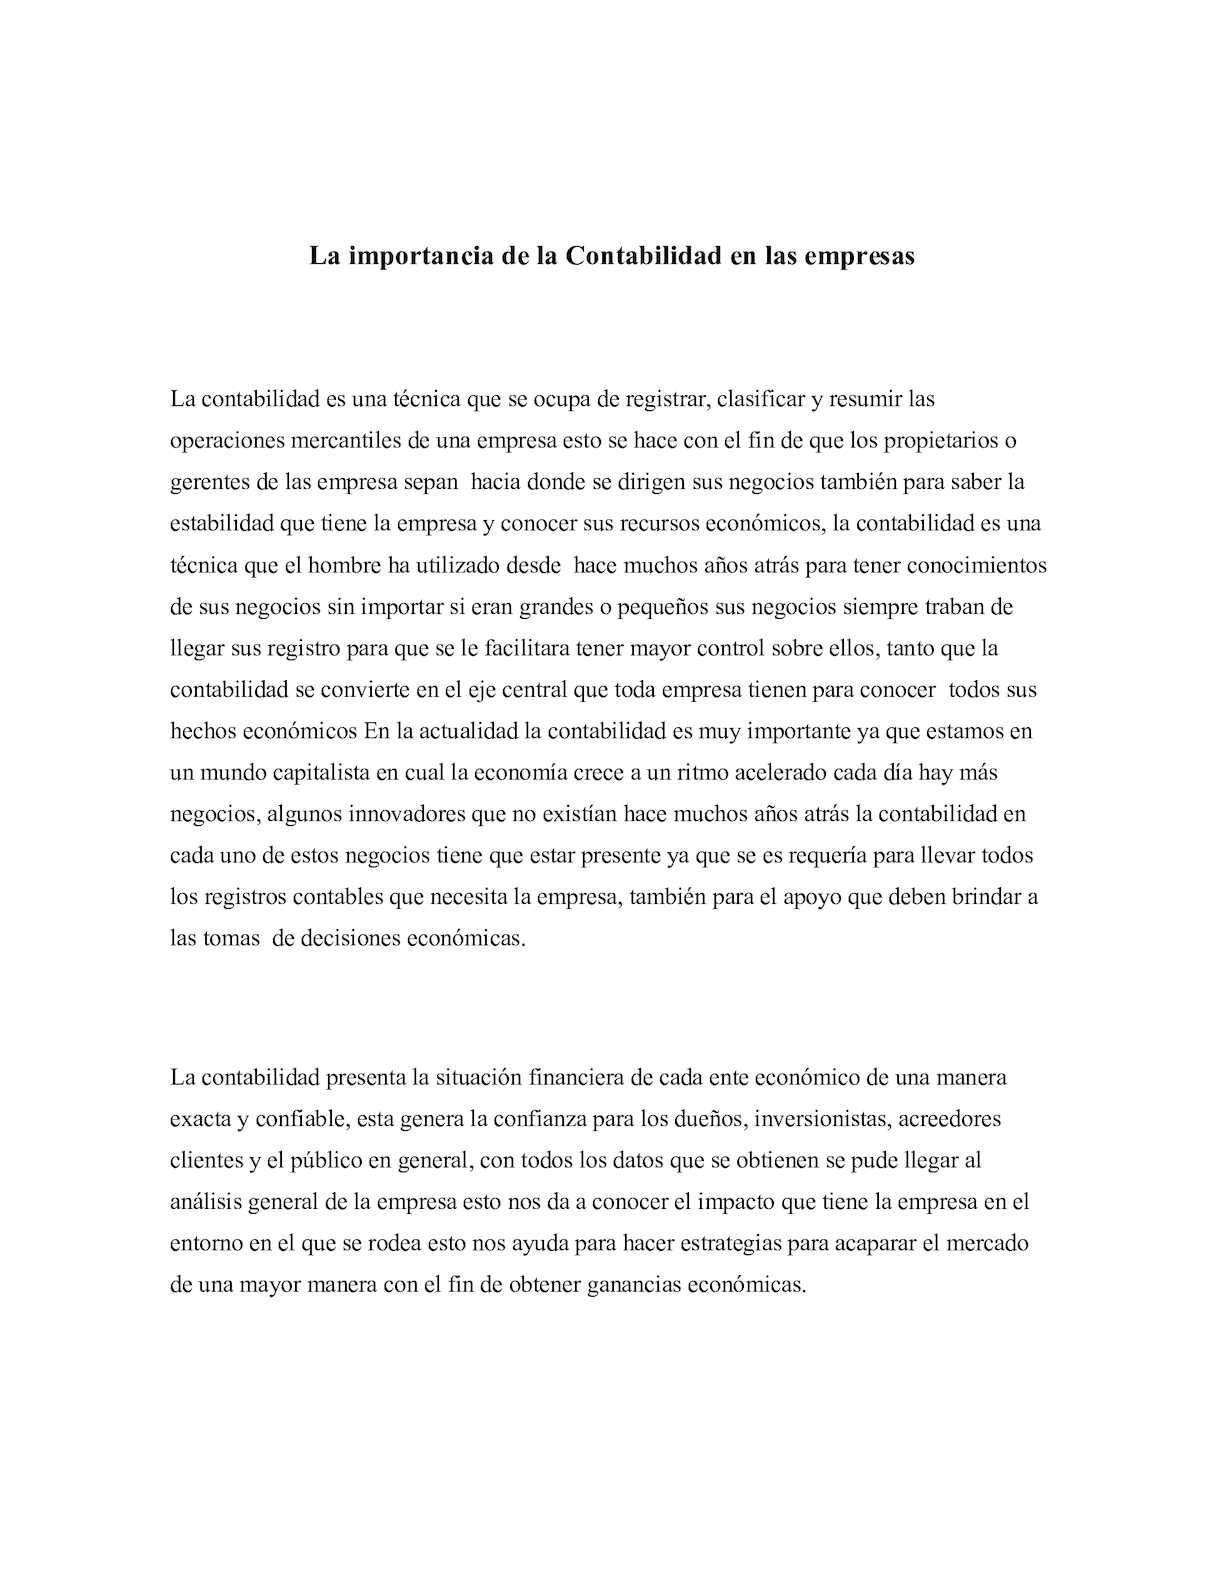 Calaméo - La Importancia De La Contabilidad En Las Empresas